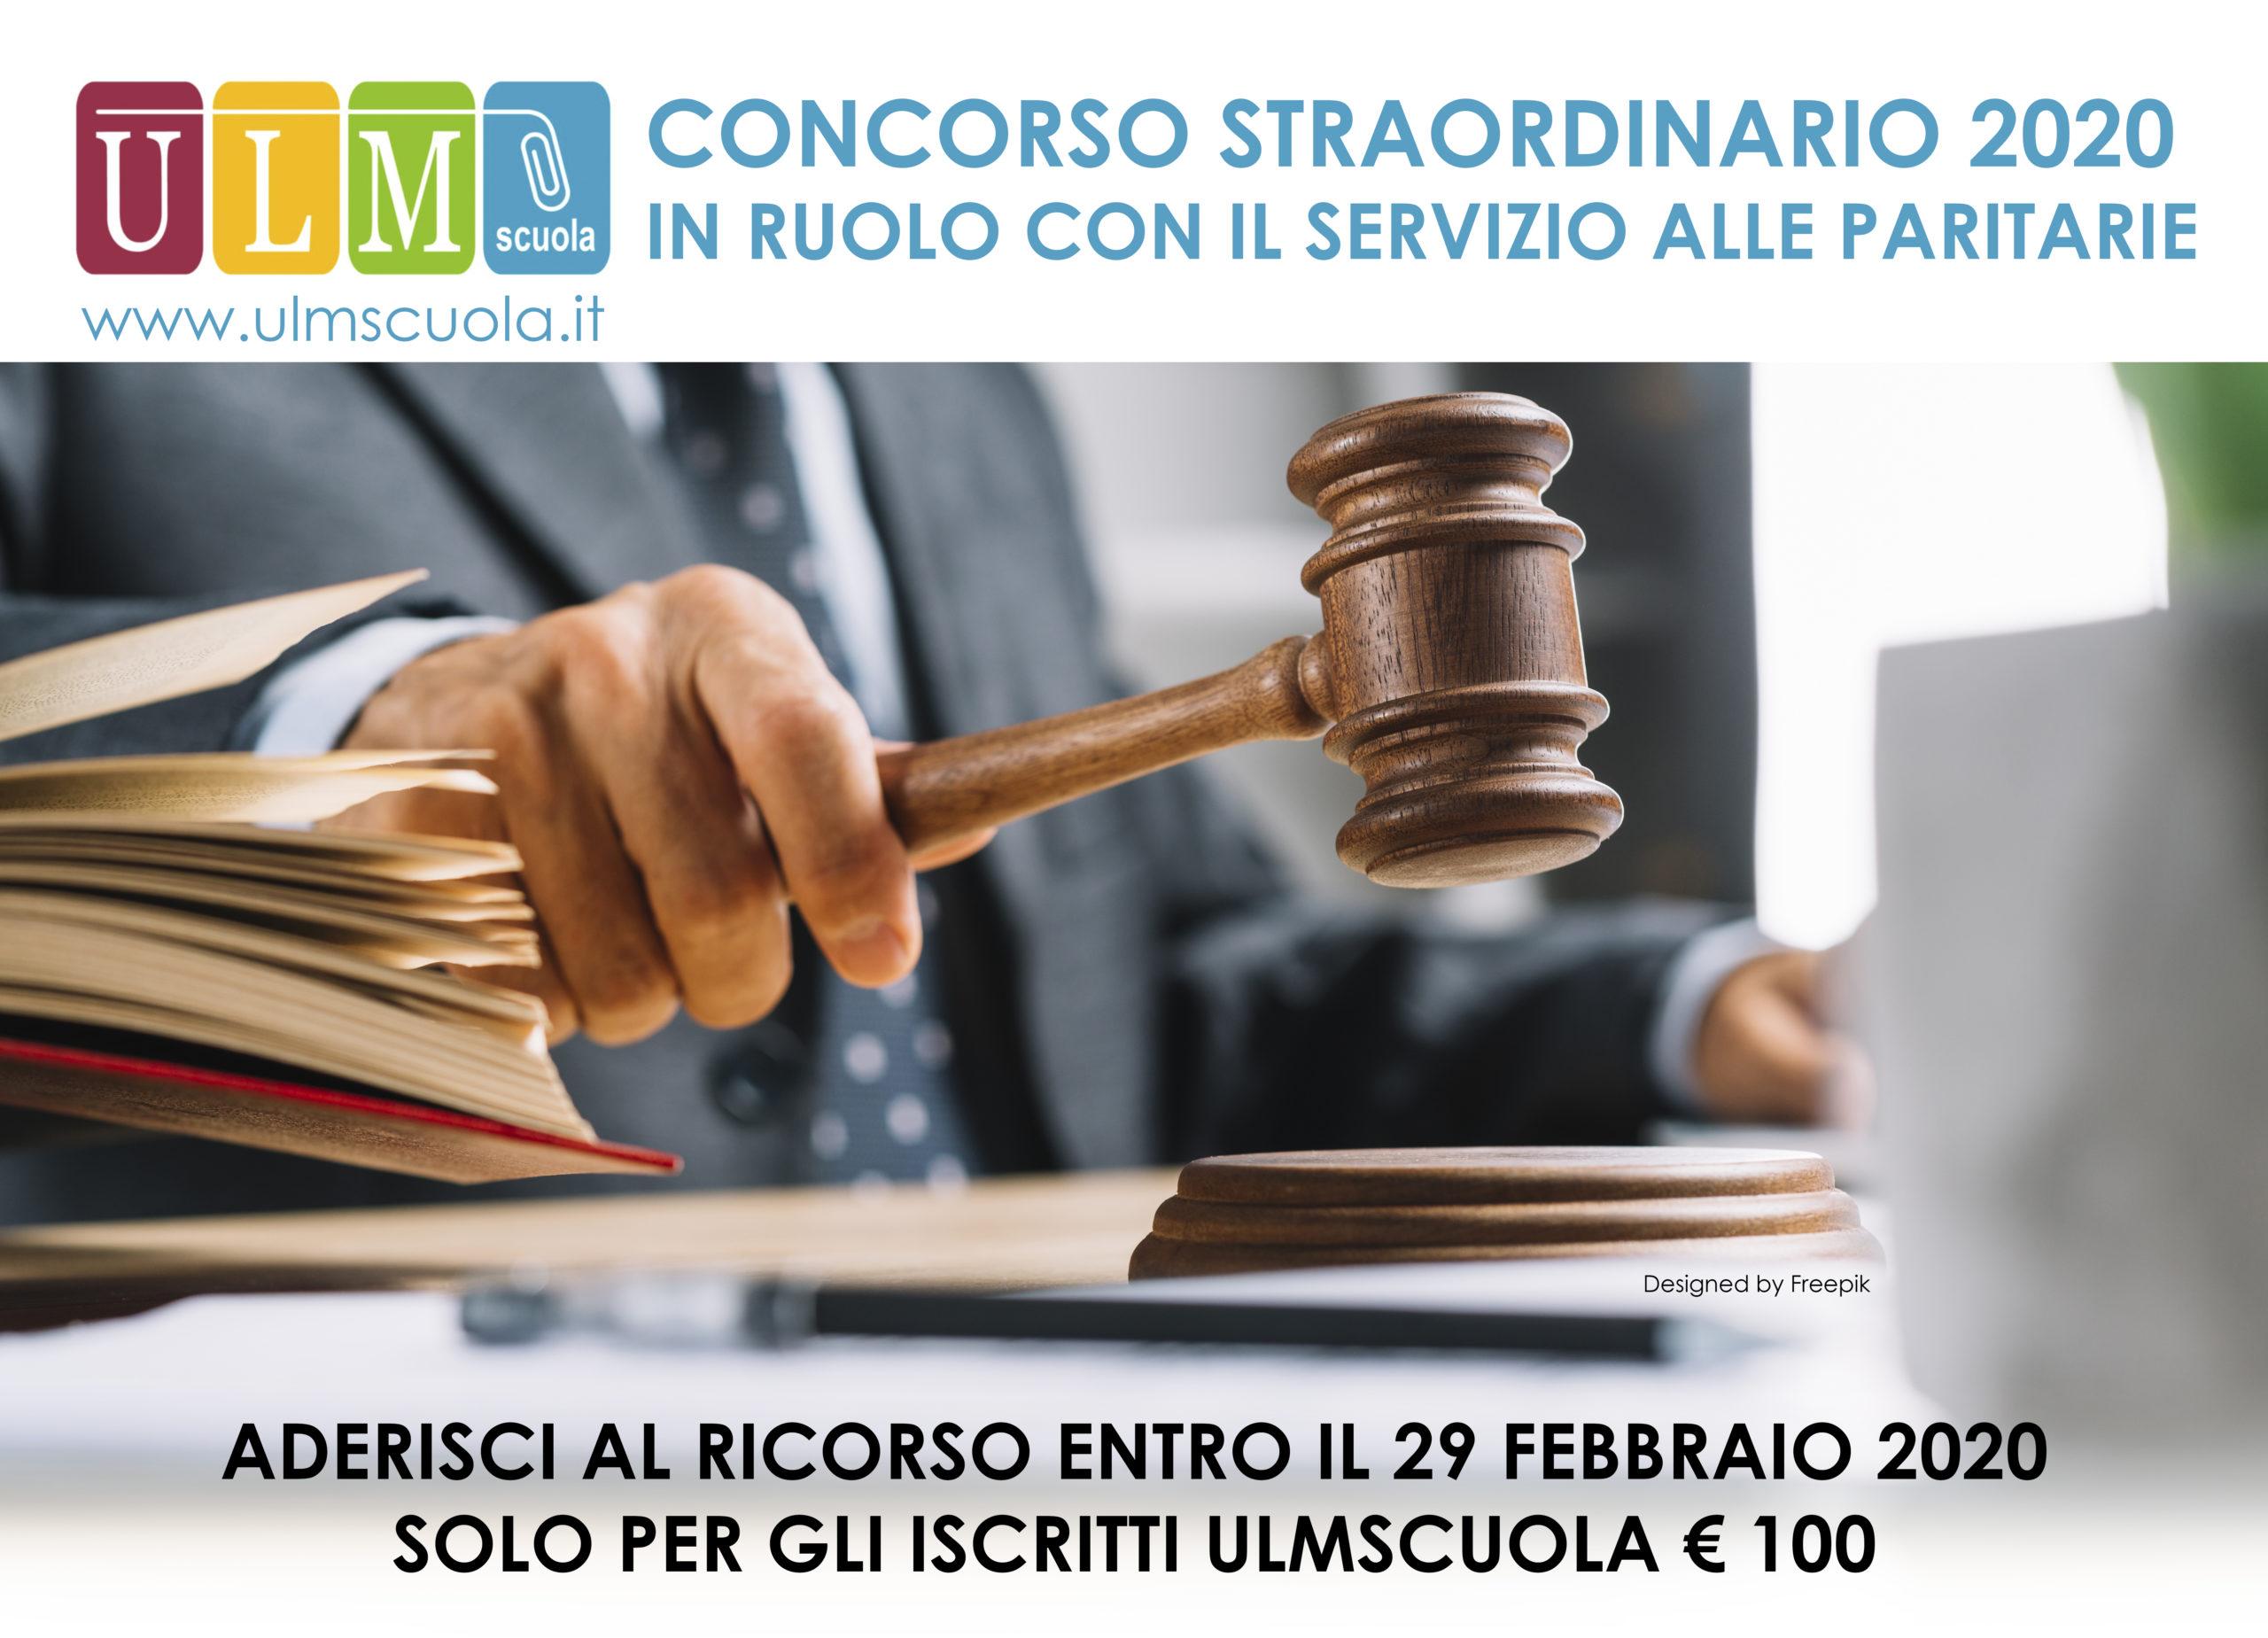 PARTECIPA PER IL RUOLO AL CONCORSO STRAORDINARIO 2020 CON SERVIZIO PARITARIA